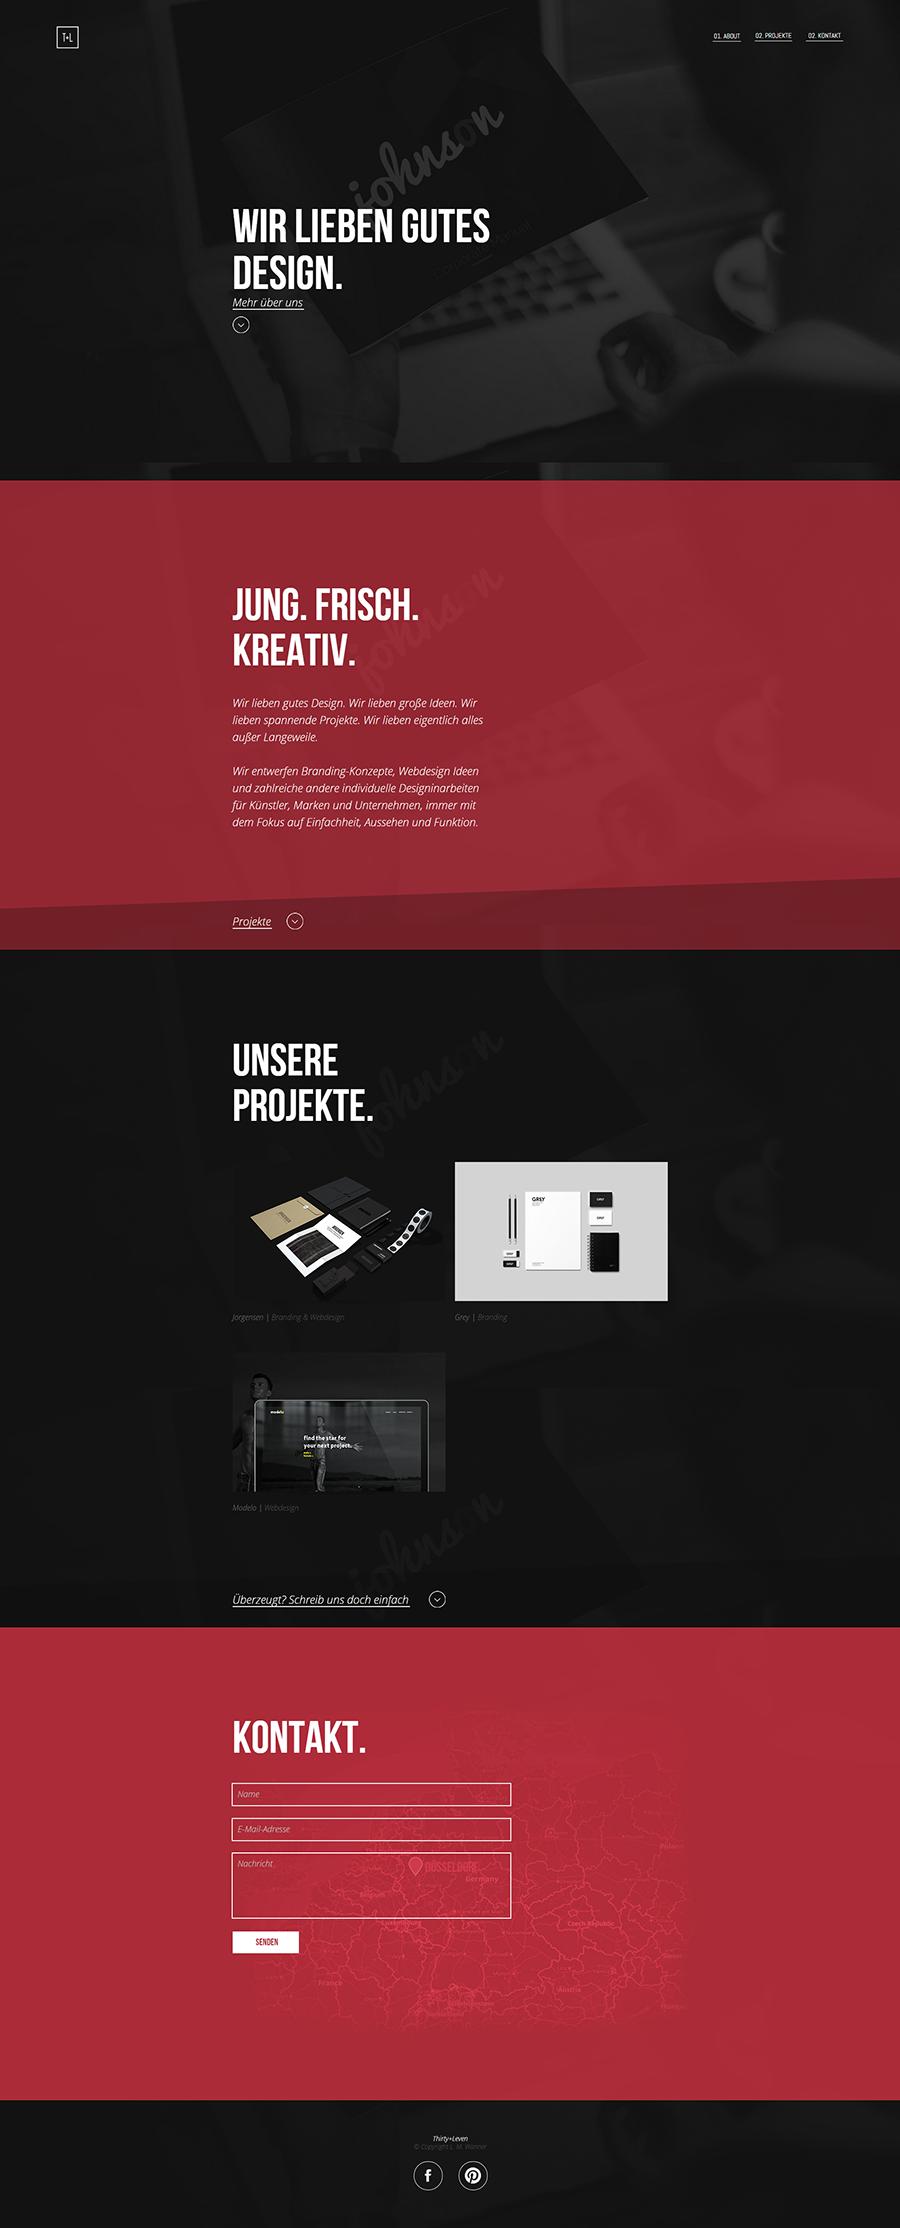 Einfaches haustürdesign irtyleven  site internet  design  pinterest  web